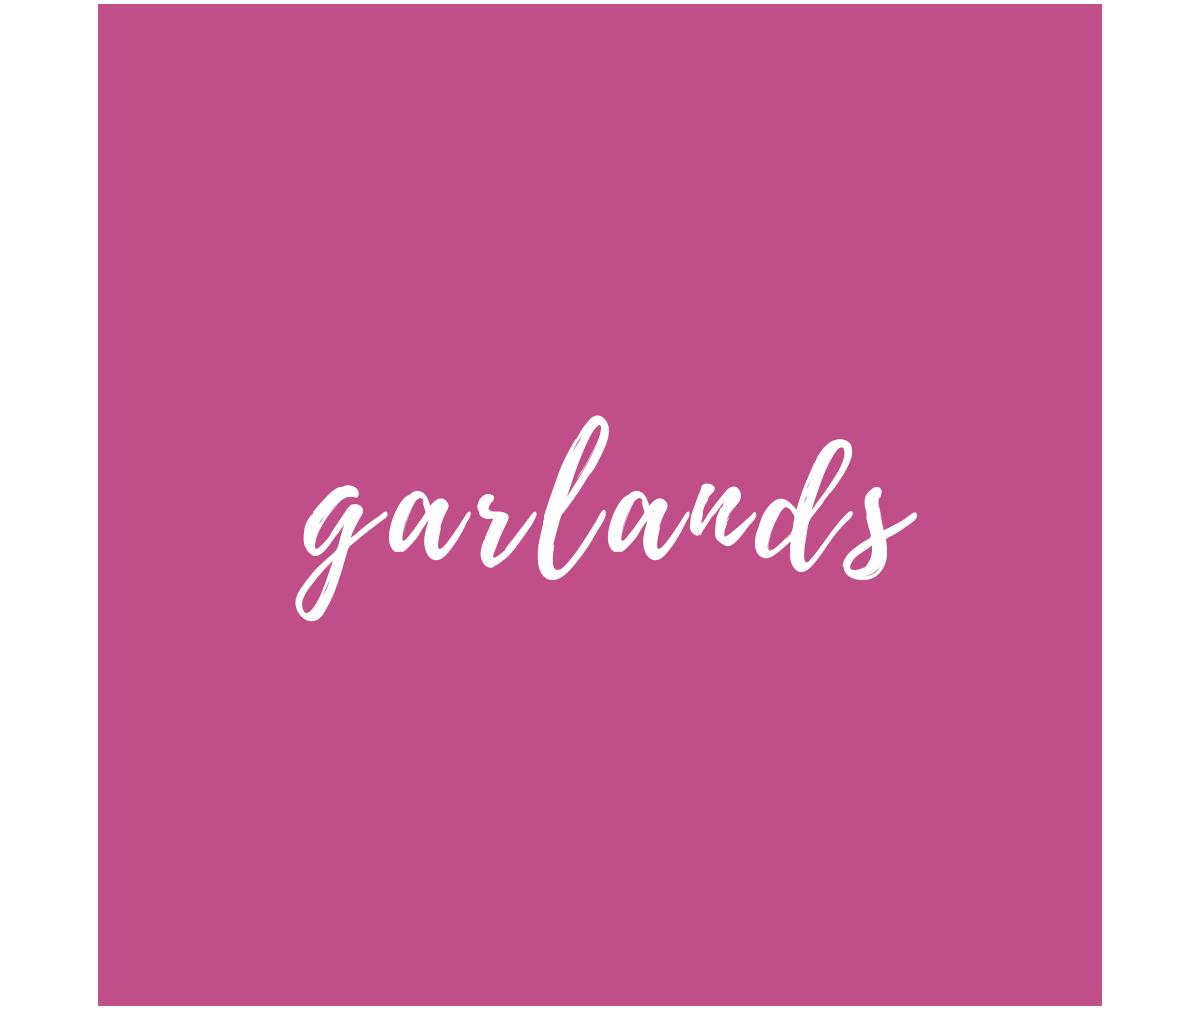 garlands.png